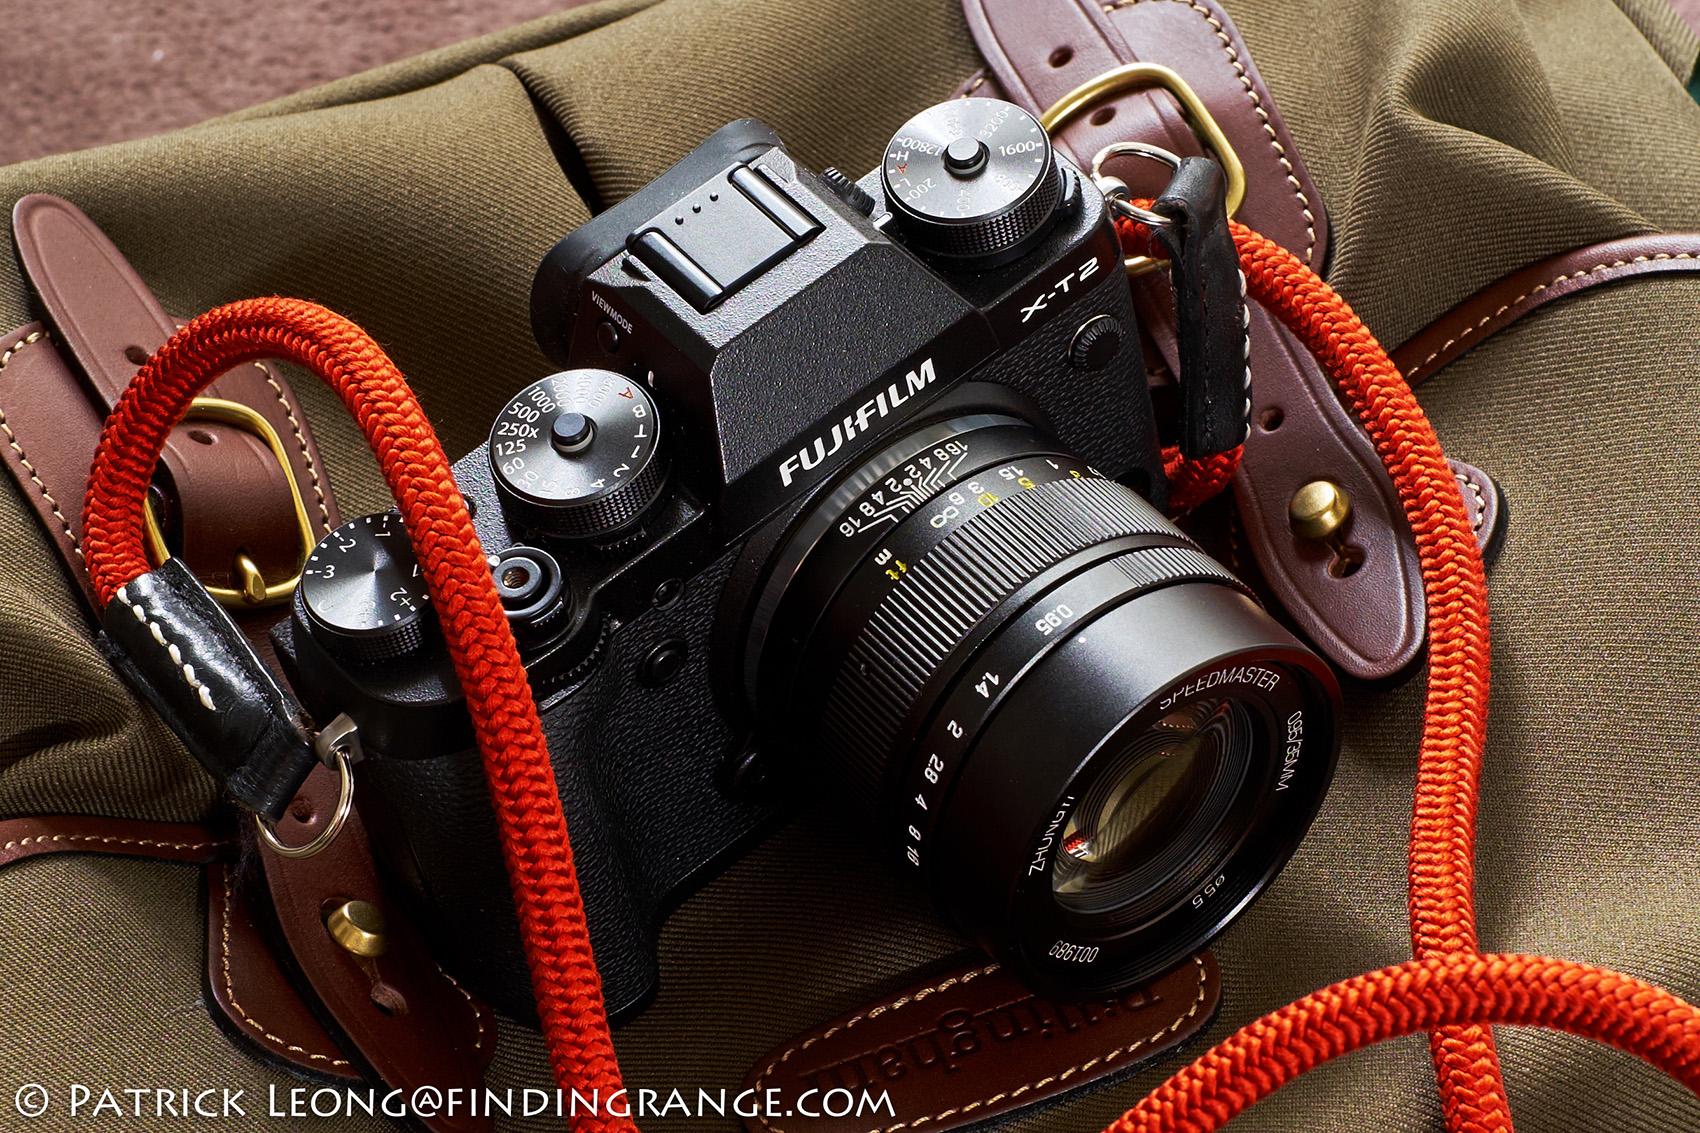 Mitakon-35mm-f0.95-Speedmaster-Mark-II-Fujifilm-X-T2-First-Look-4